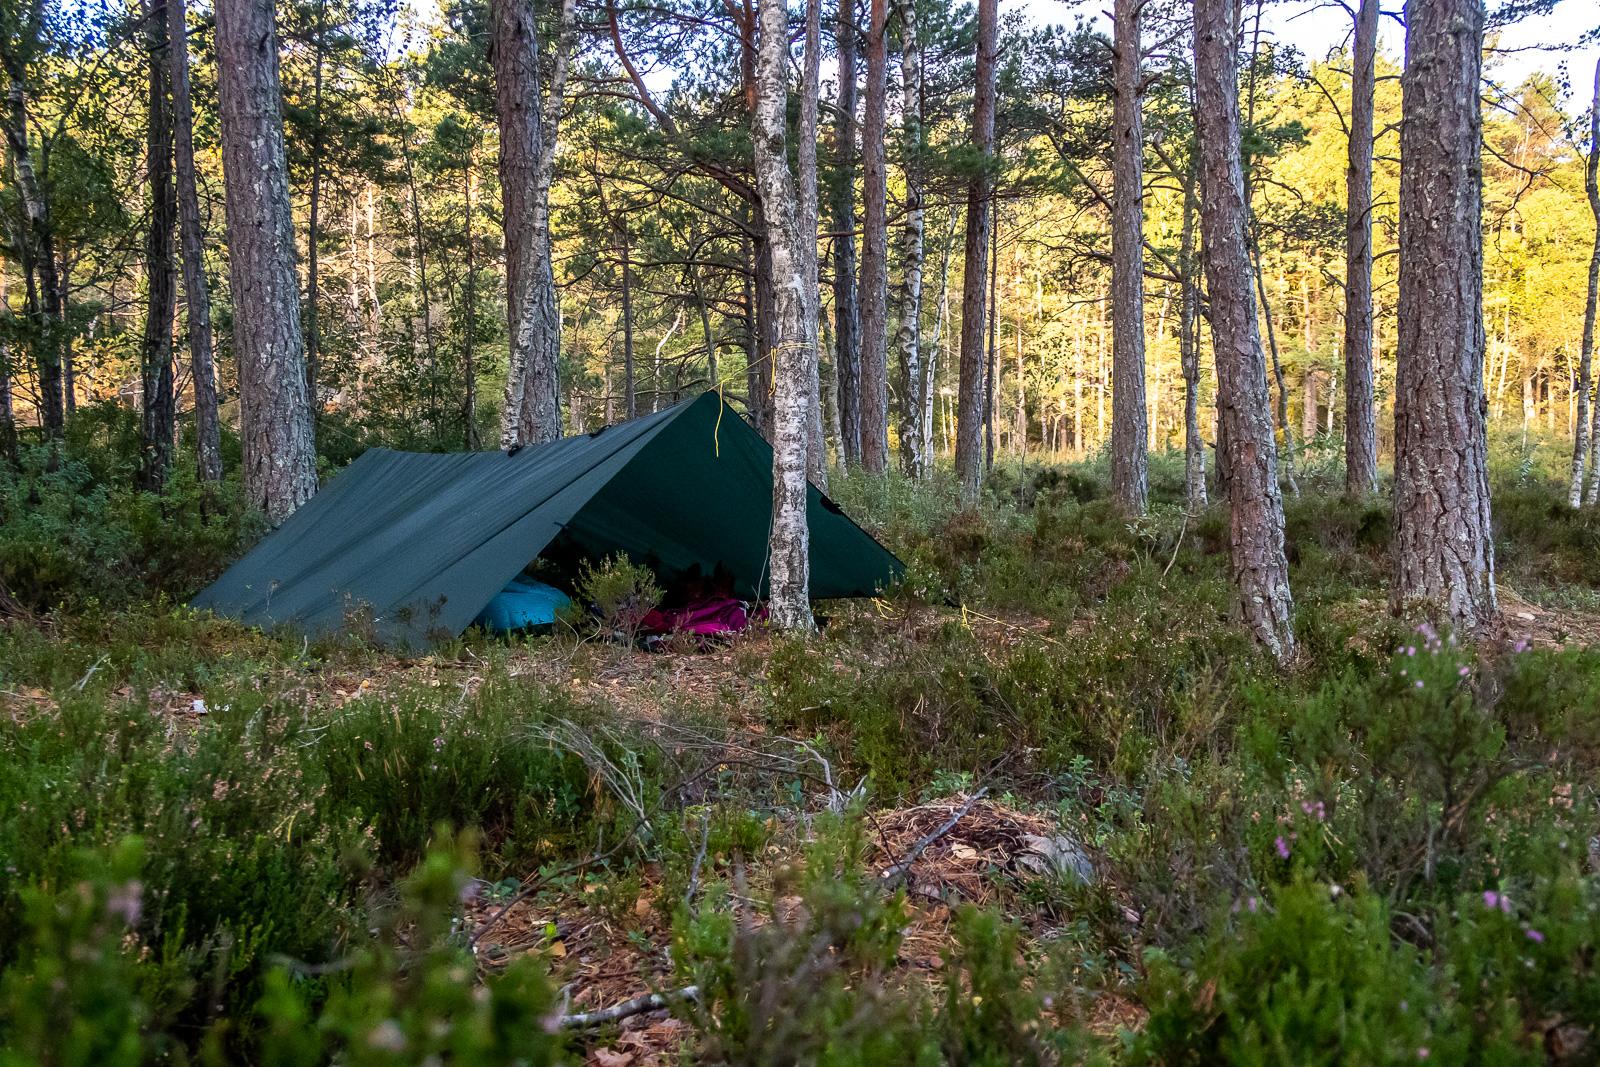 Tarp uppsatt som ryggåstält i skog.